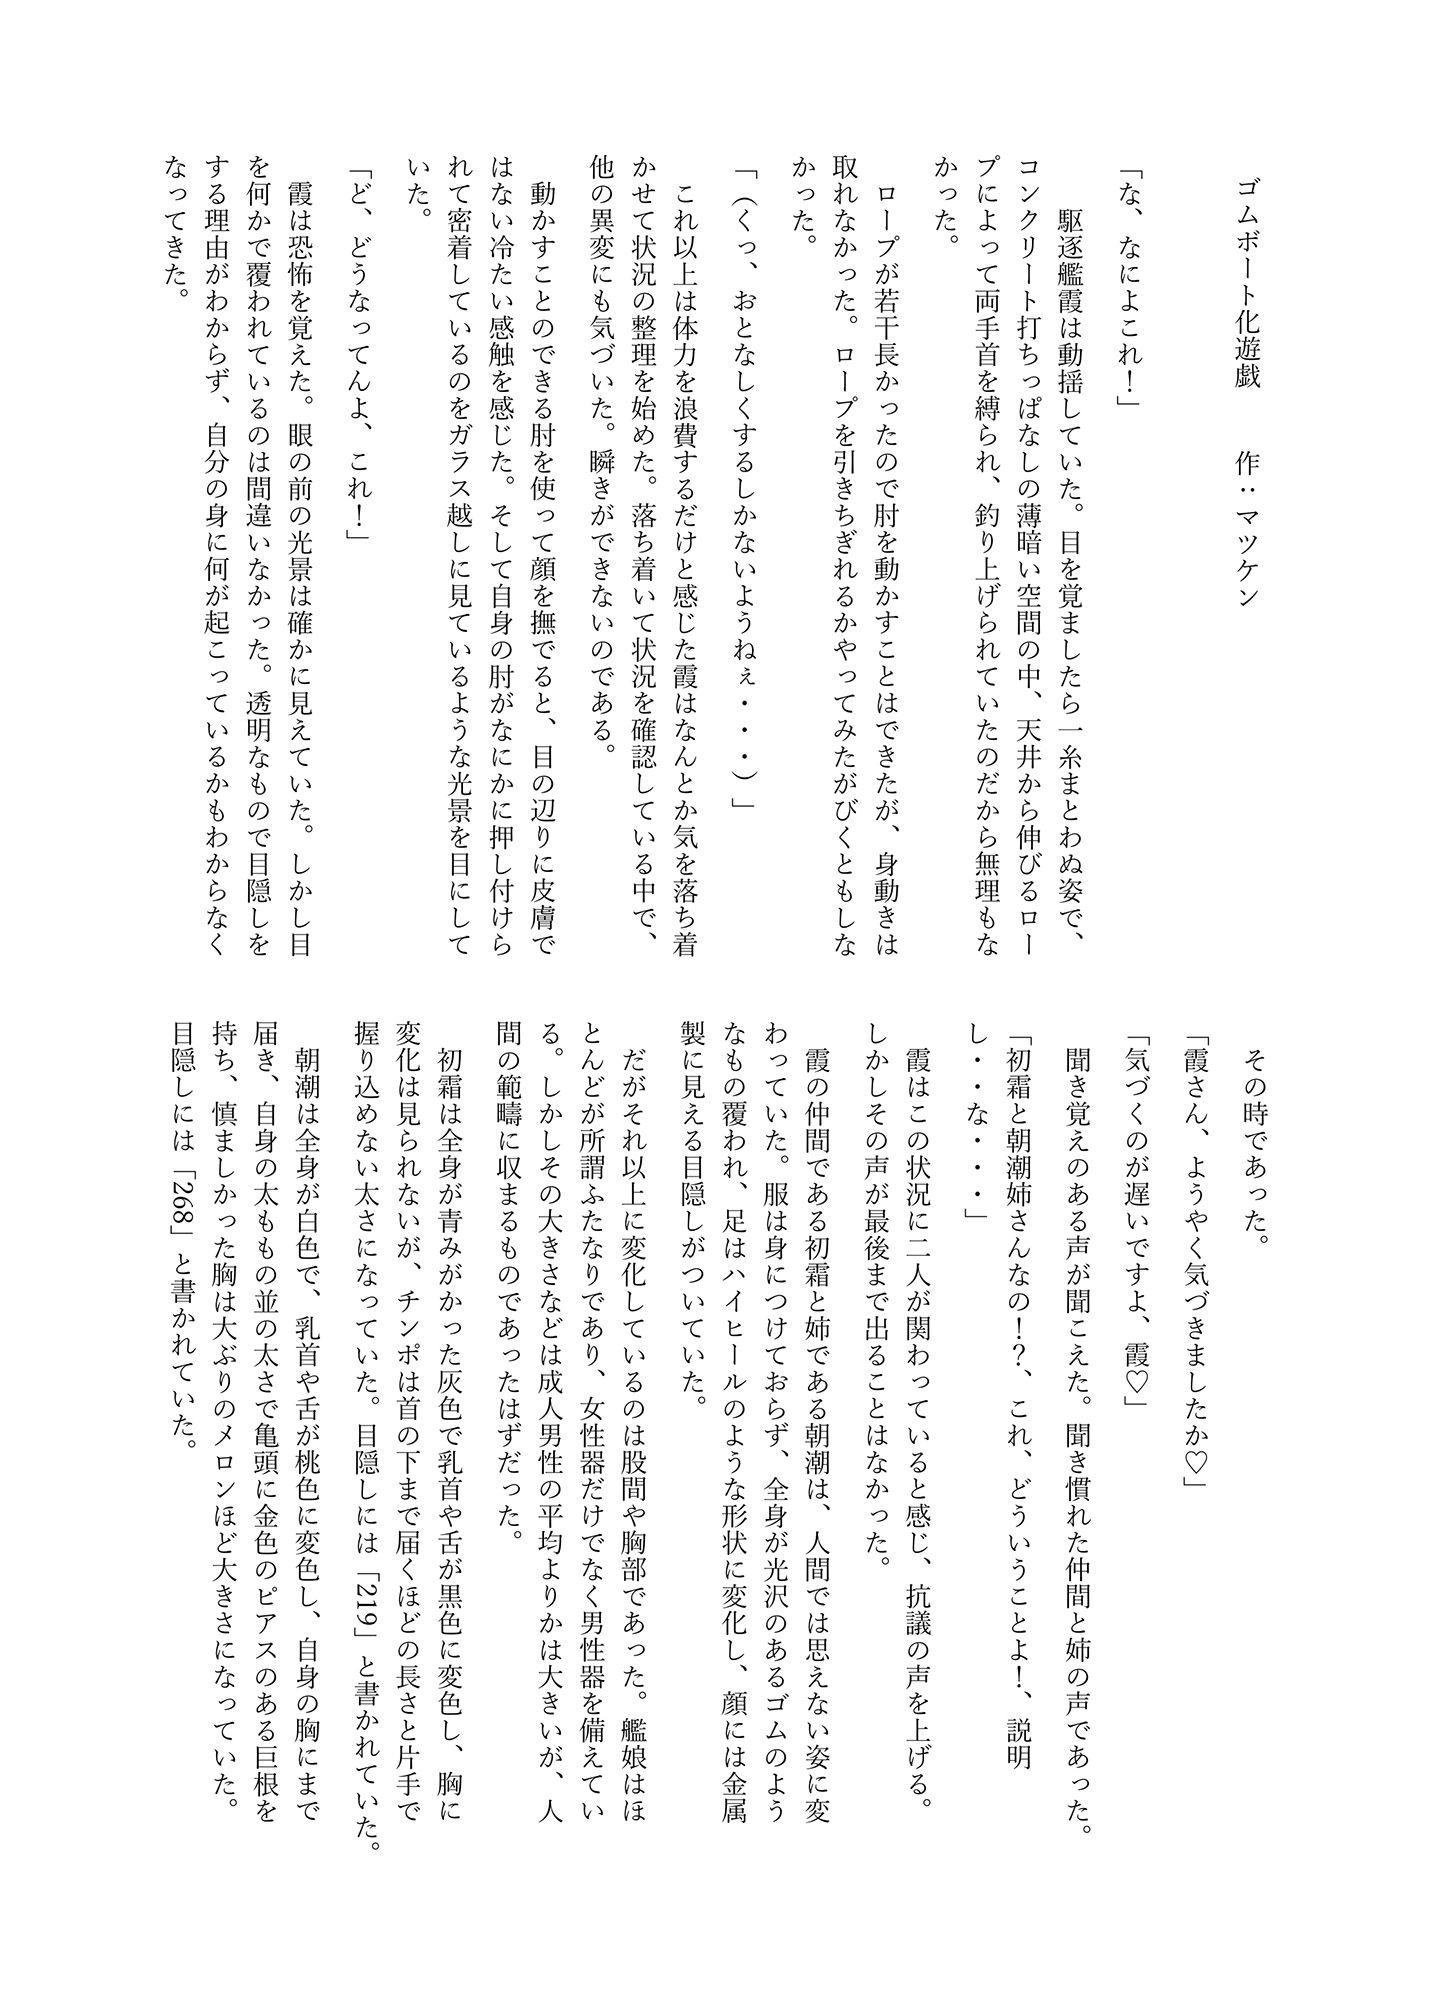 ゴムボート化合同 第二弾 絶・頂・護・謨 その弐